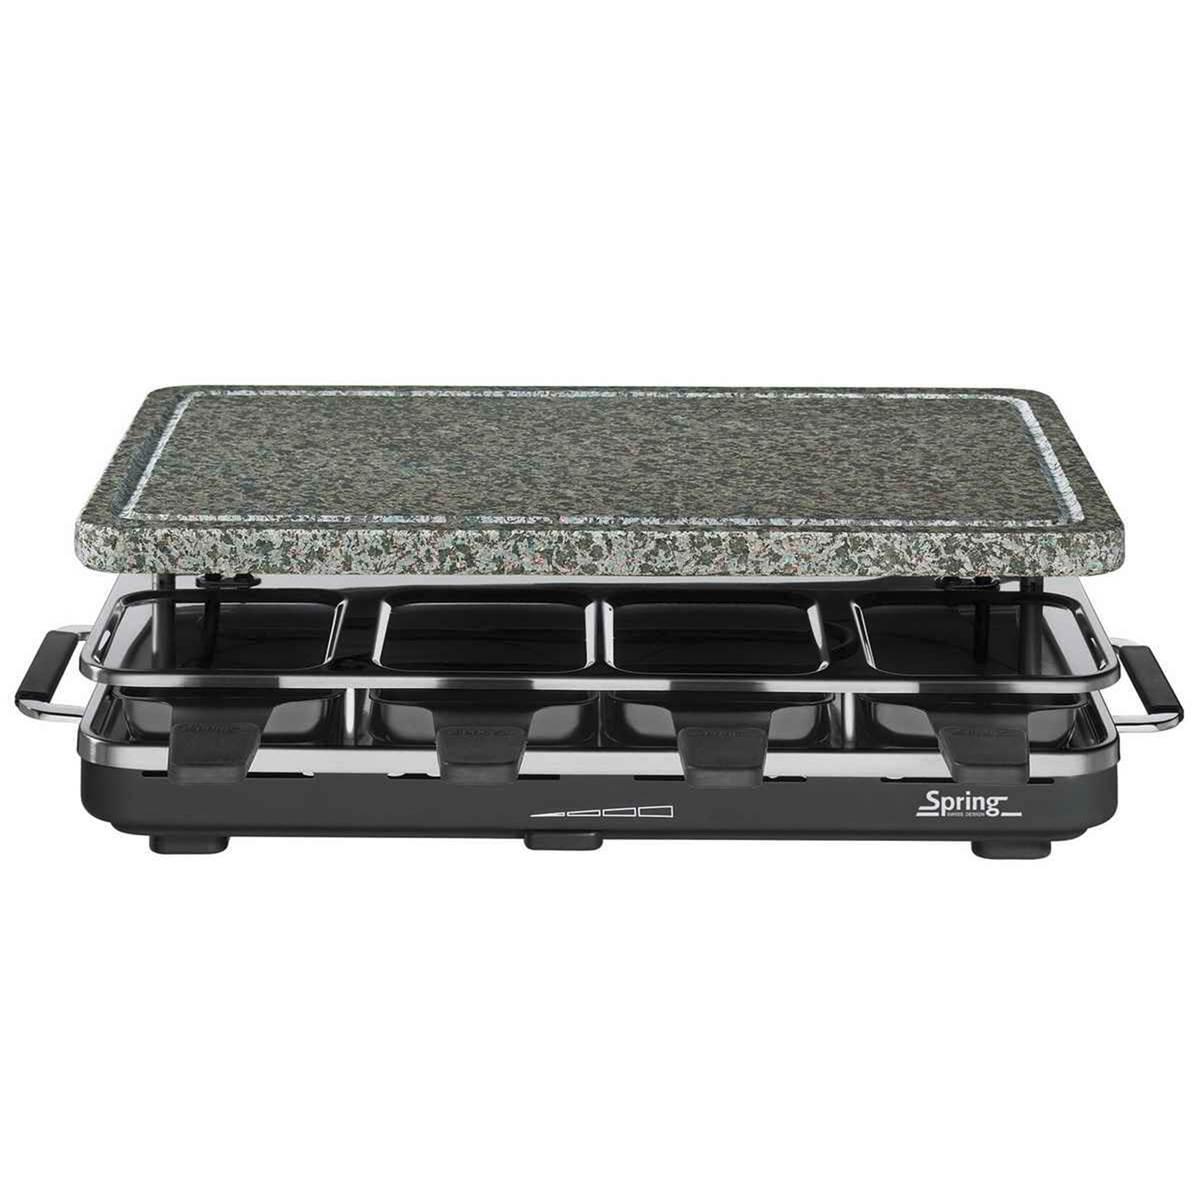 spring raclette 8 grill mit granitstein edelstahl schwarz mit granitplatte ebay. Black Bedroom Furniture Sets. Home Design Ideas